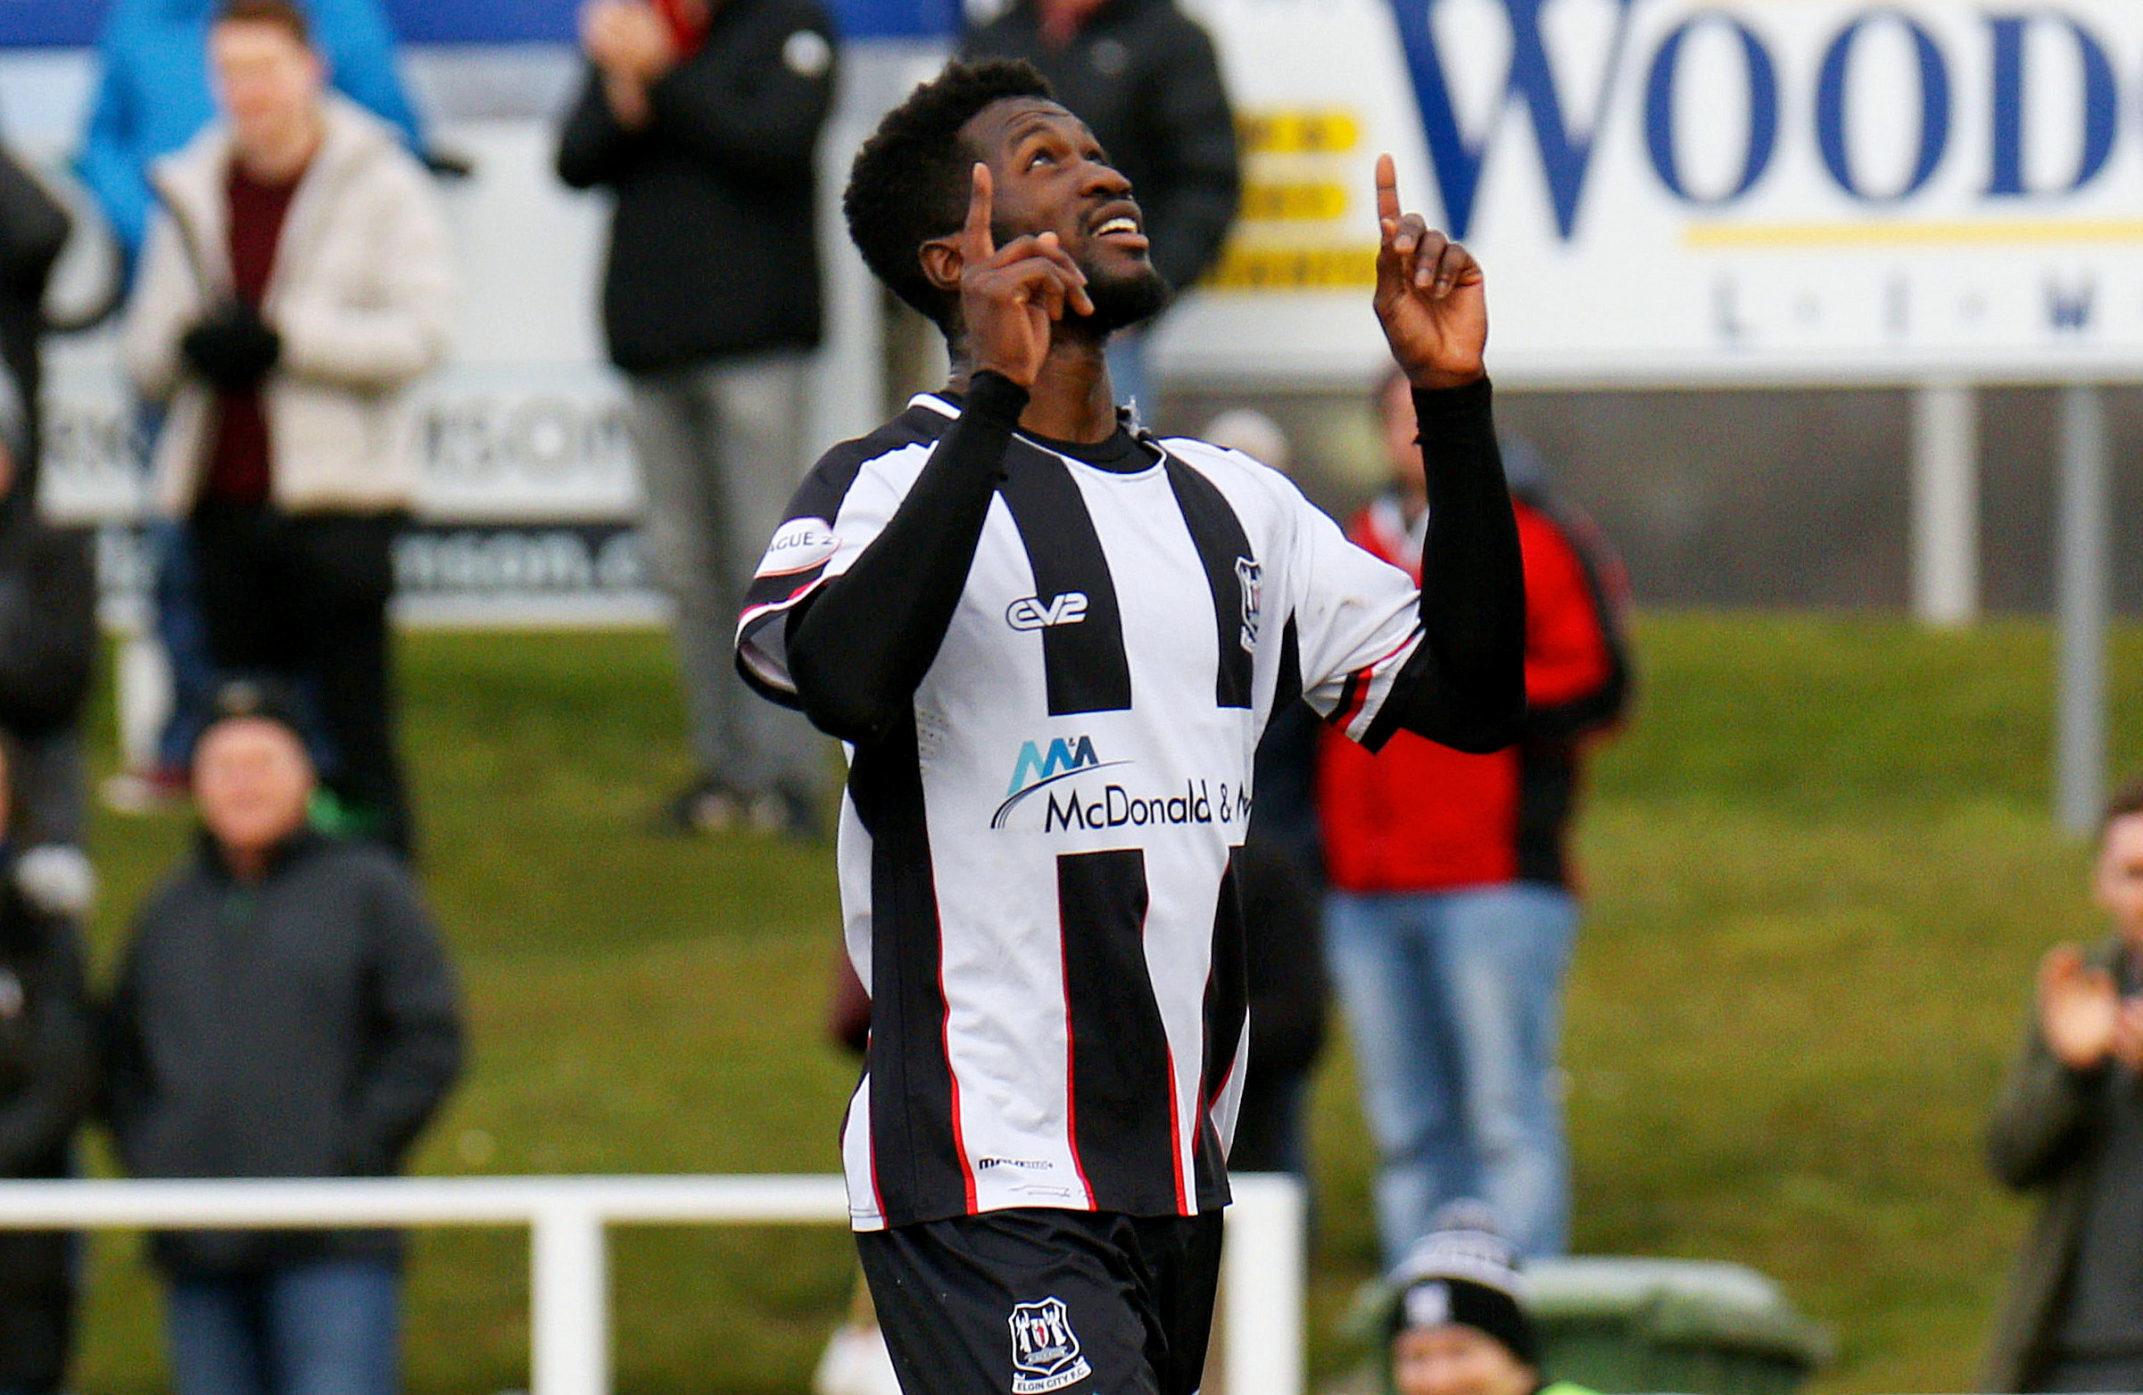 Elgin City striker Smart Osadolor